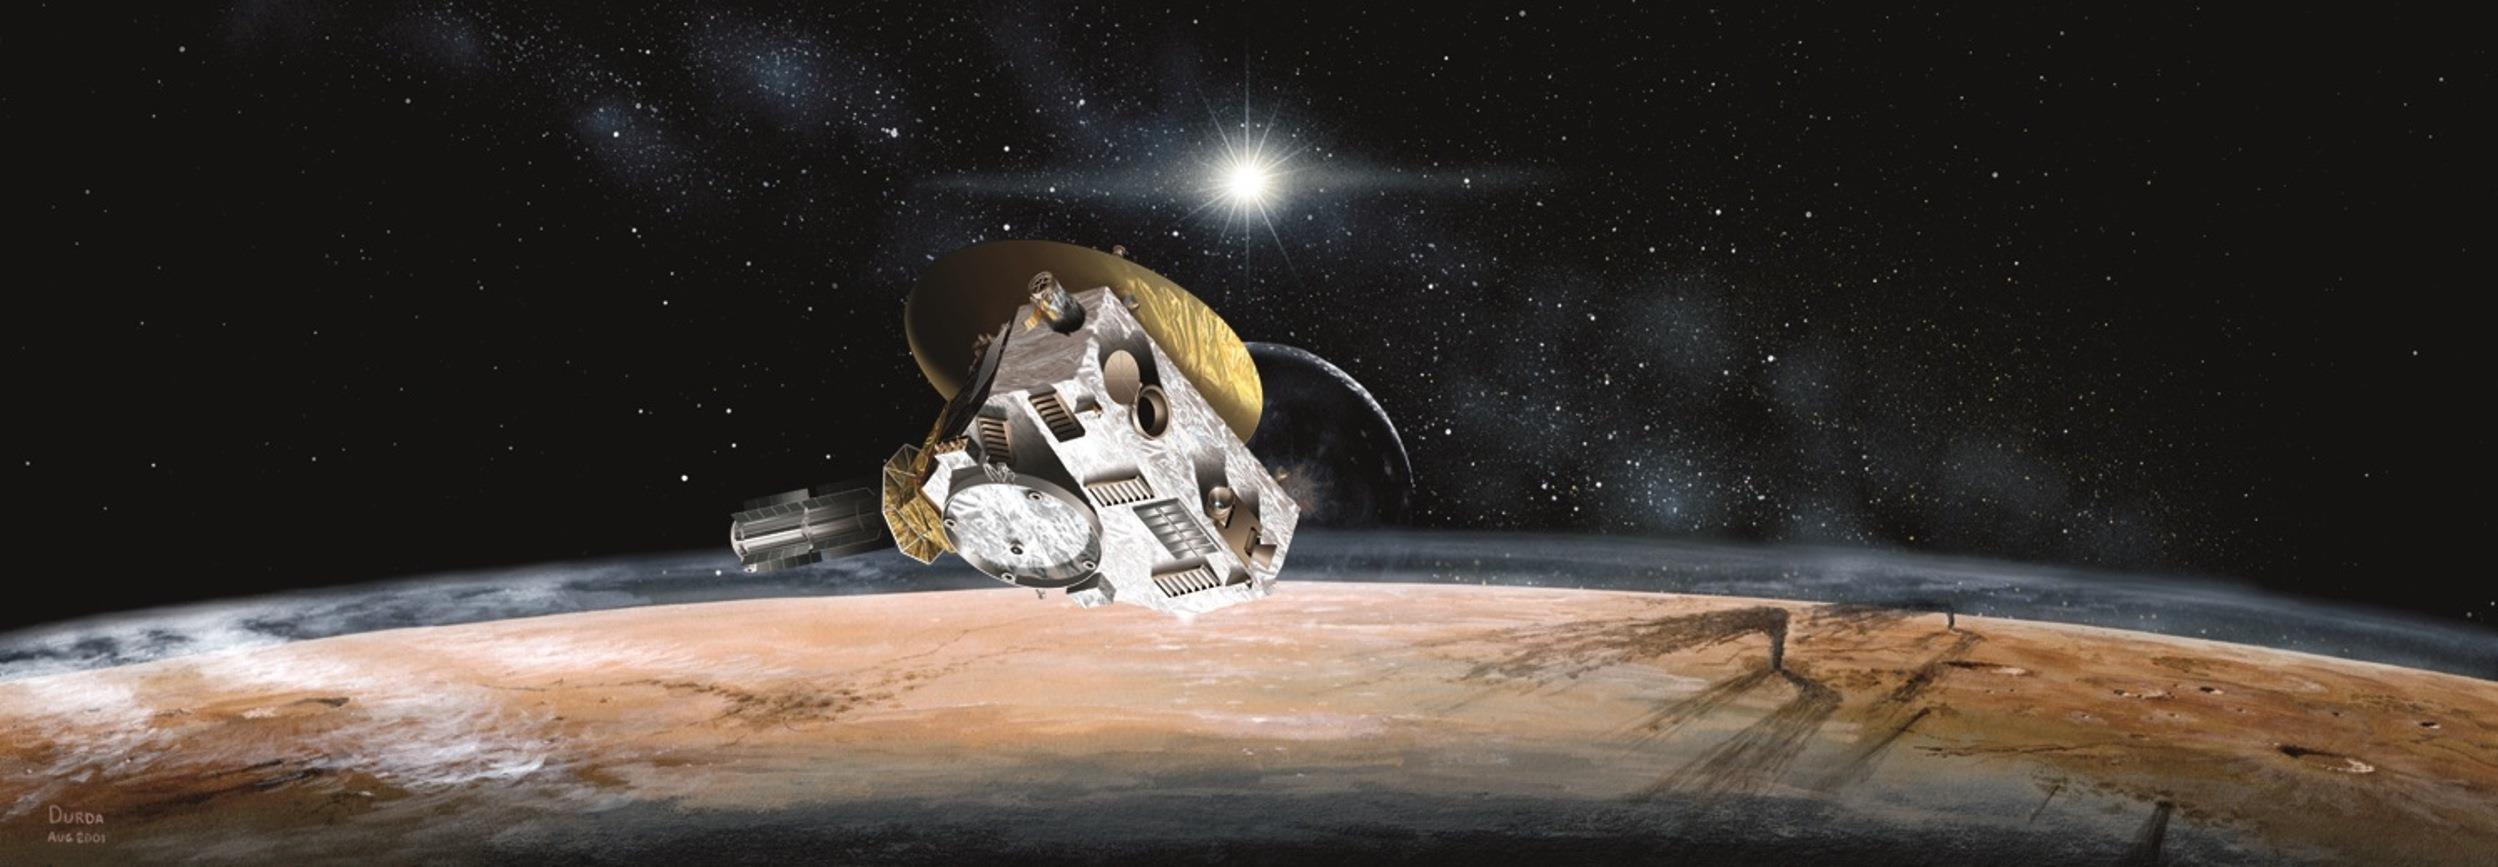 К поискам девятой планеты Солнечной системы предлагается привлечь зонд New Horizons - 2